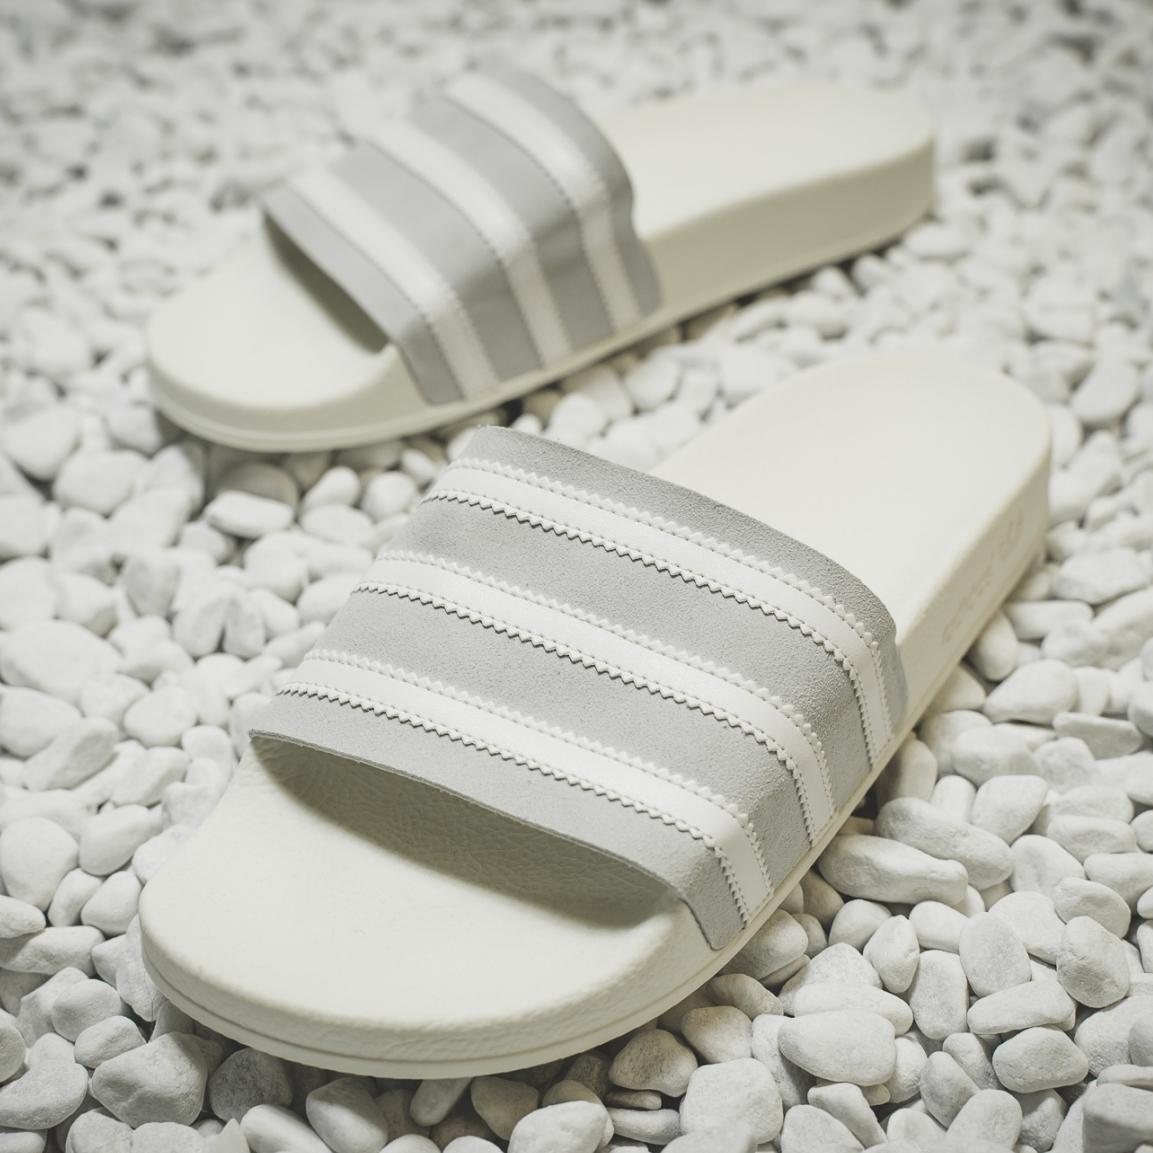 adidas-adilette-summer-breeze-cg6435-mood-1.jpg